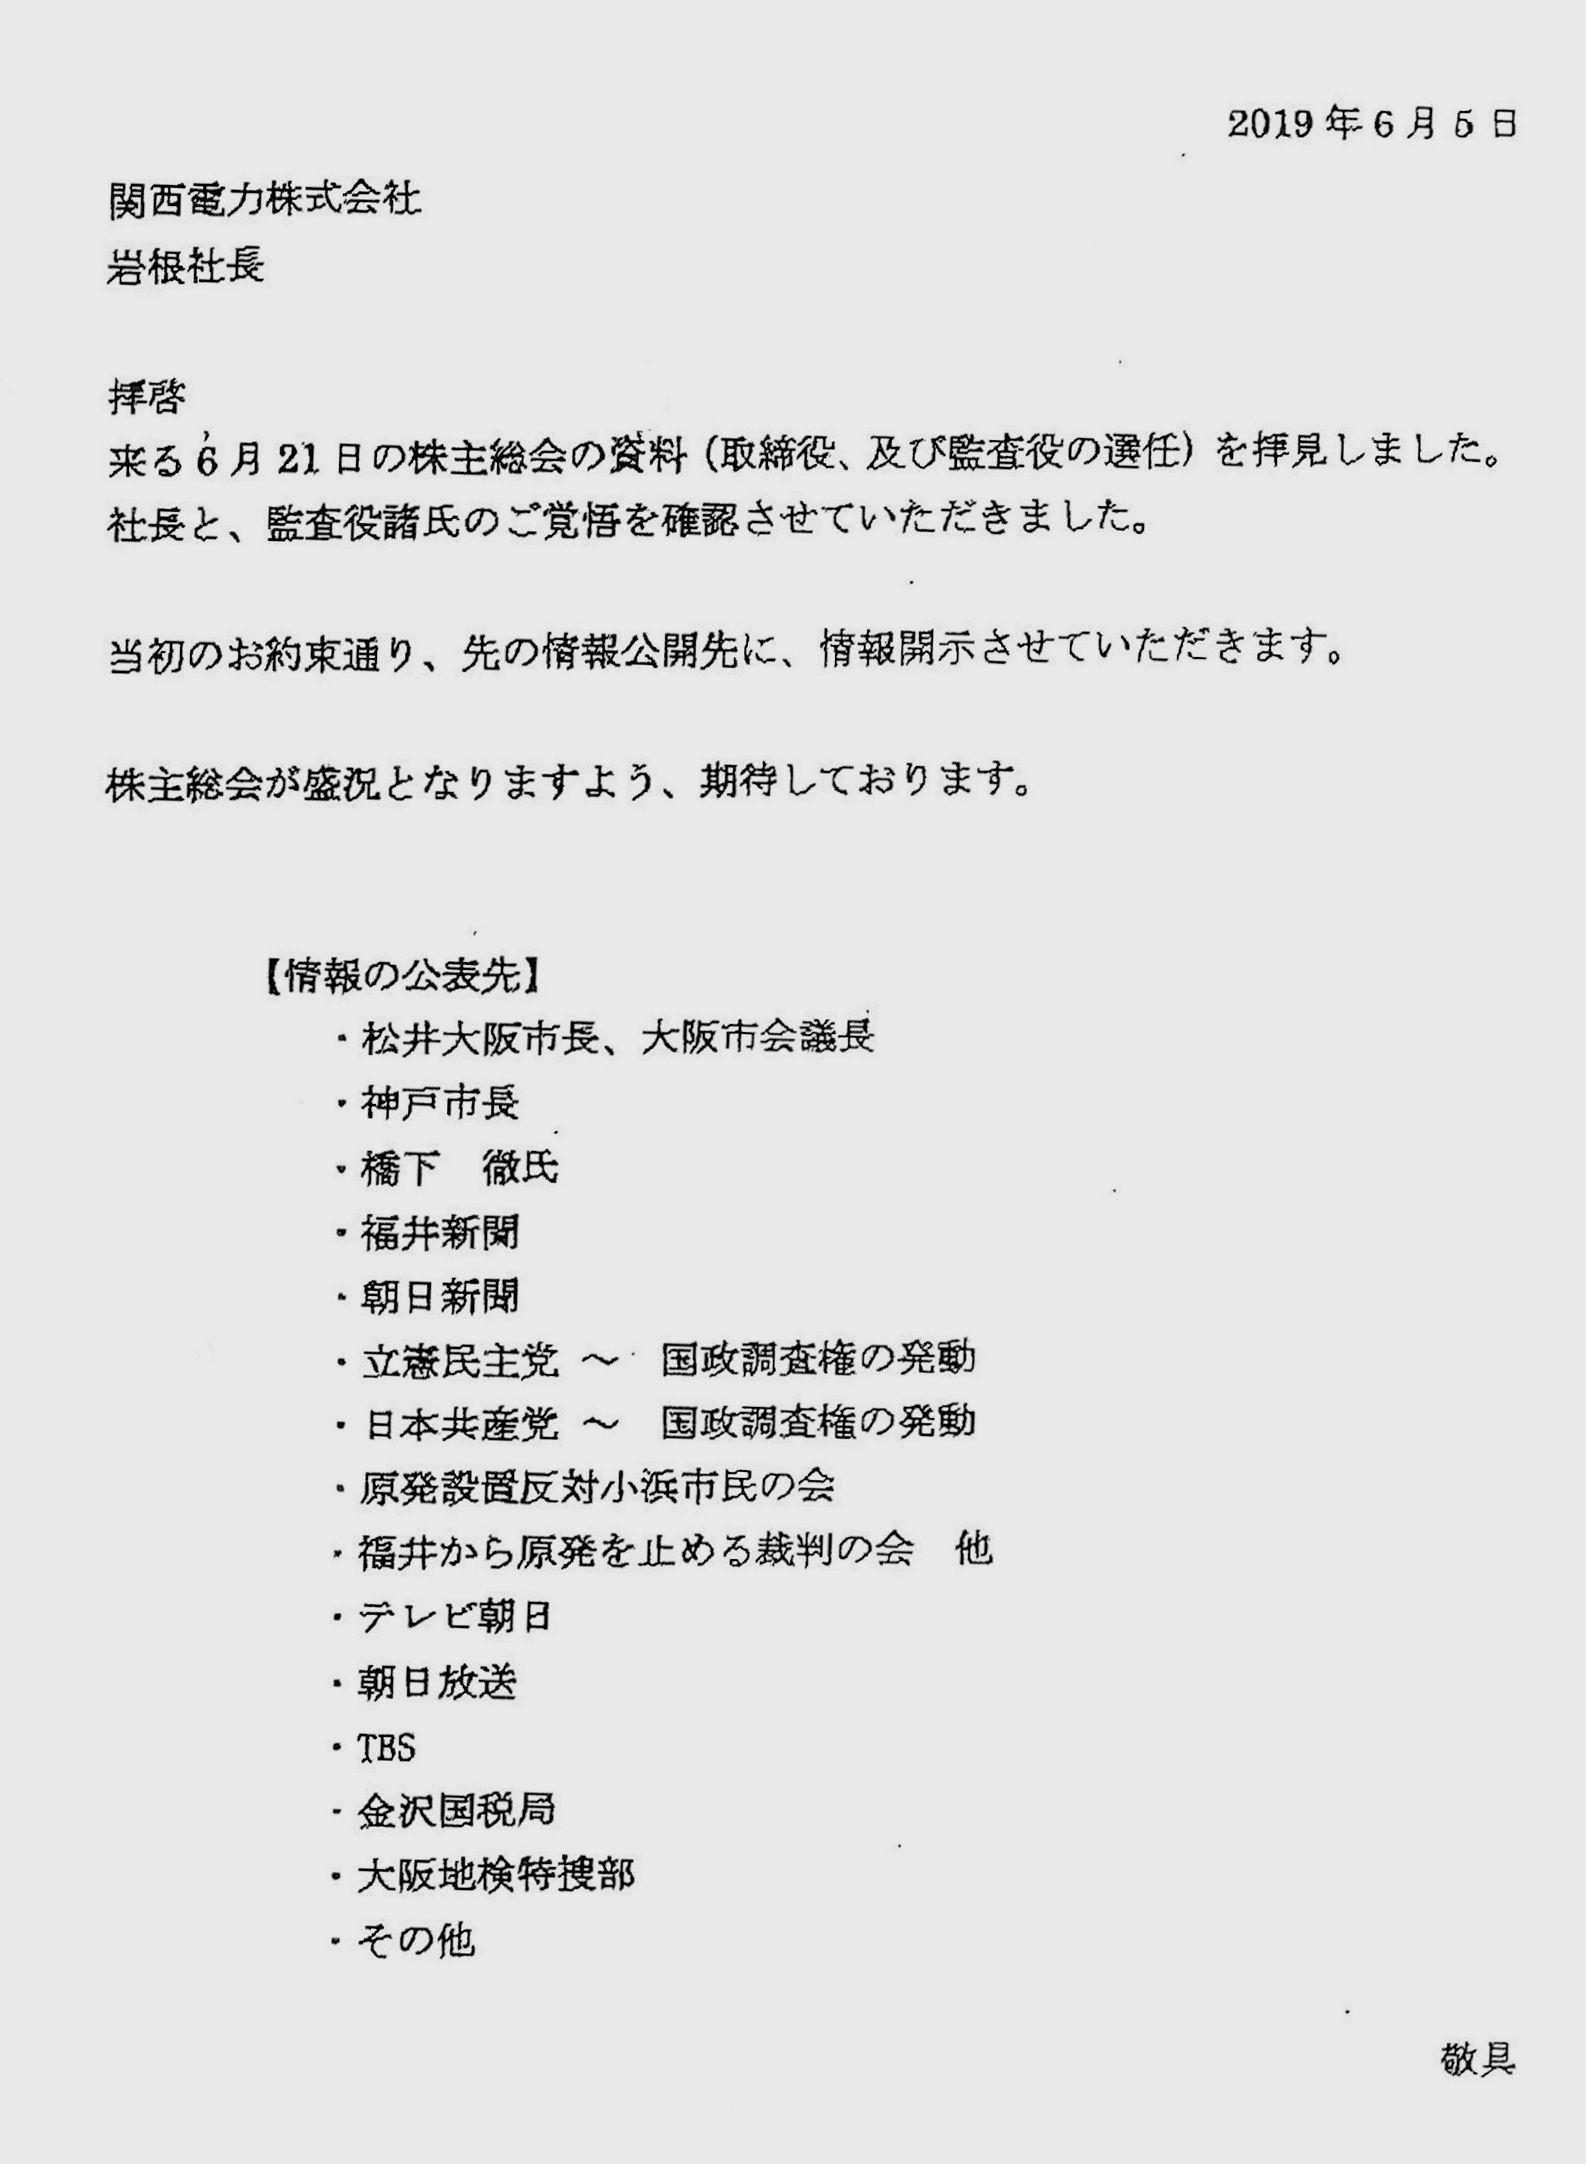 http://hunter-investigate.jp/news/07.jpg